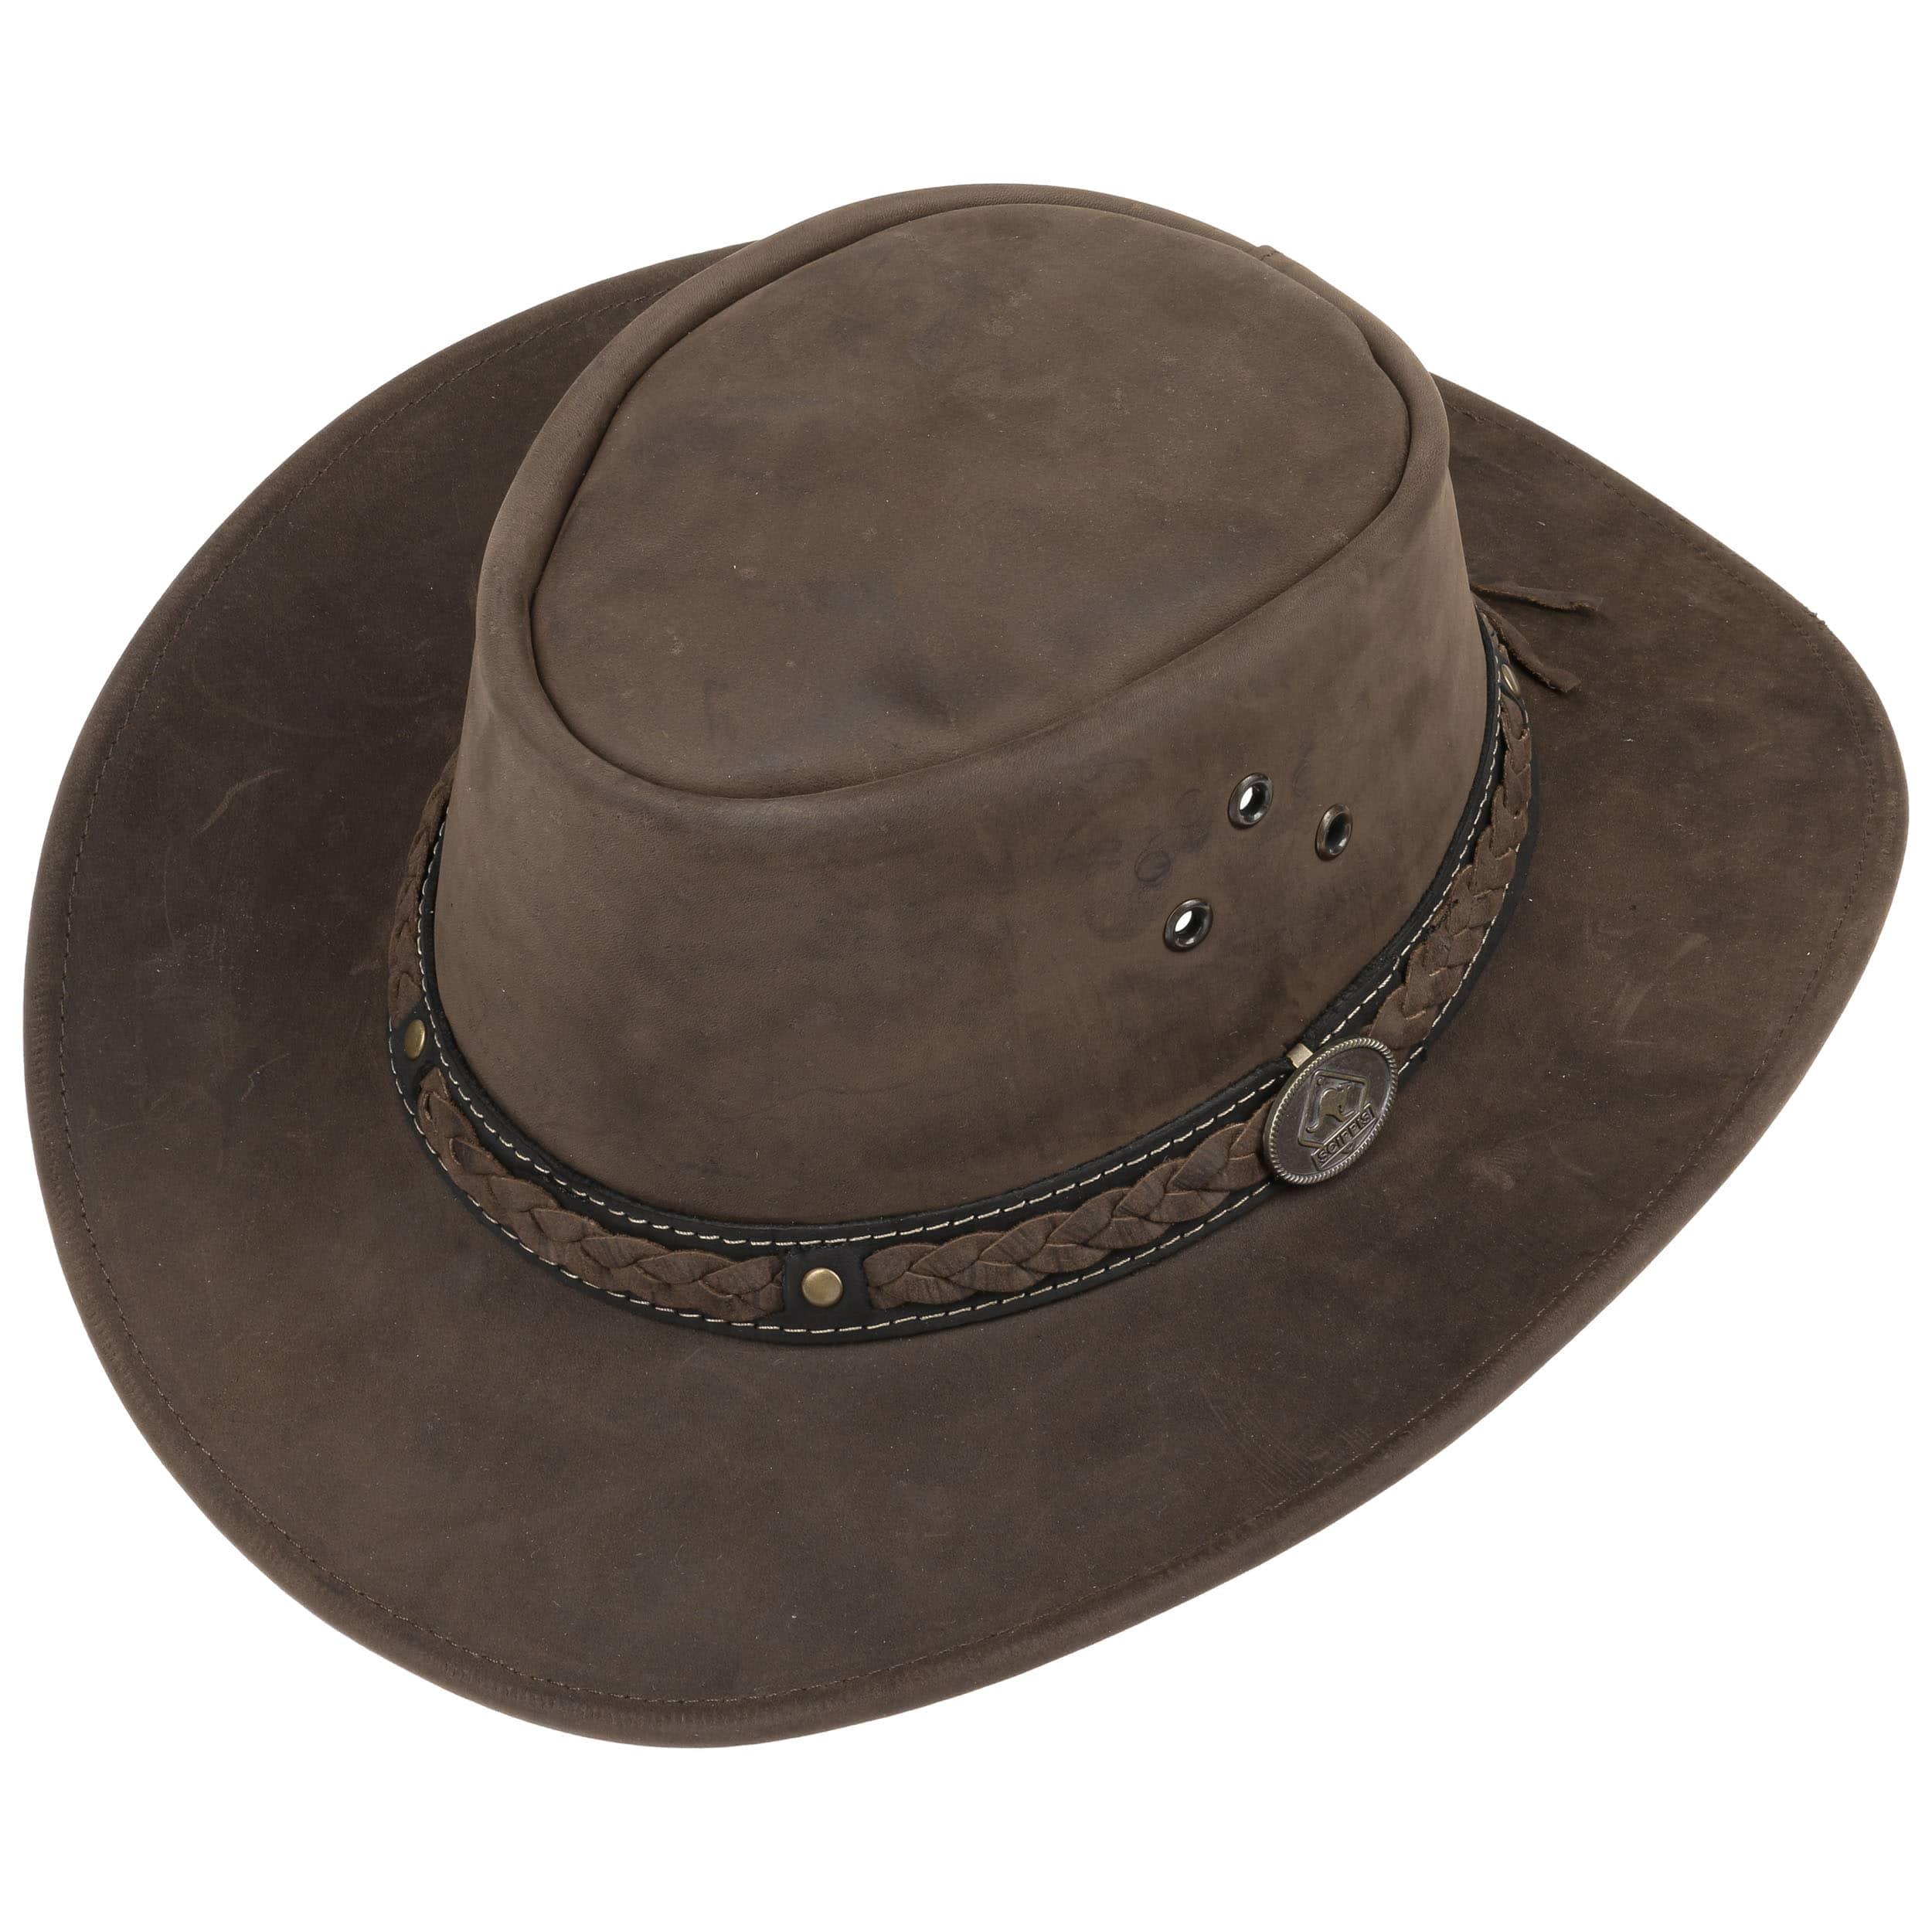 Sombrero de Piel Albury Stonewashed by Scippis - Sombreros ... f2eb13b4755